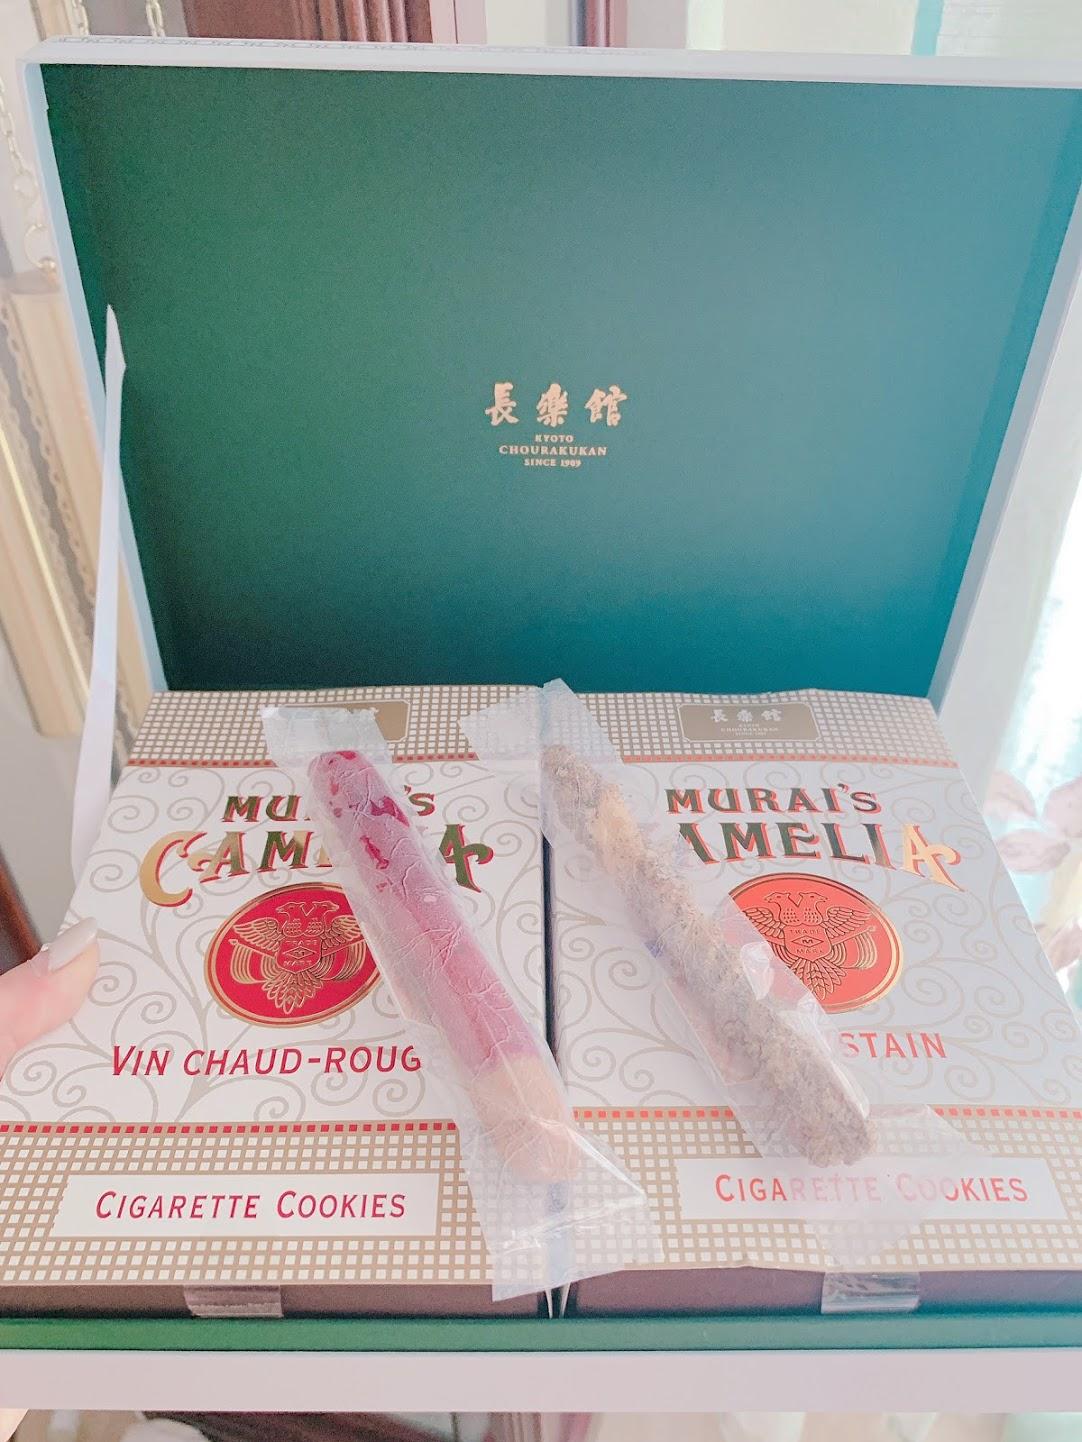 長楽館は元々は煙草王が建てた迎賓館だったのだとか🚬 頂いたお土産もシガレット風のクッキーで洒落てました🍪.